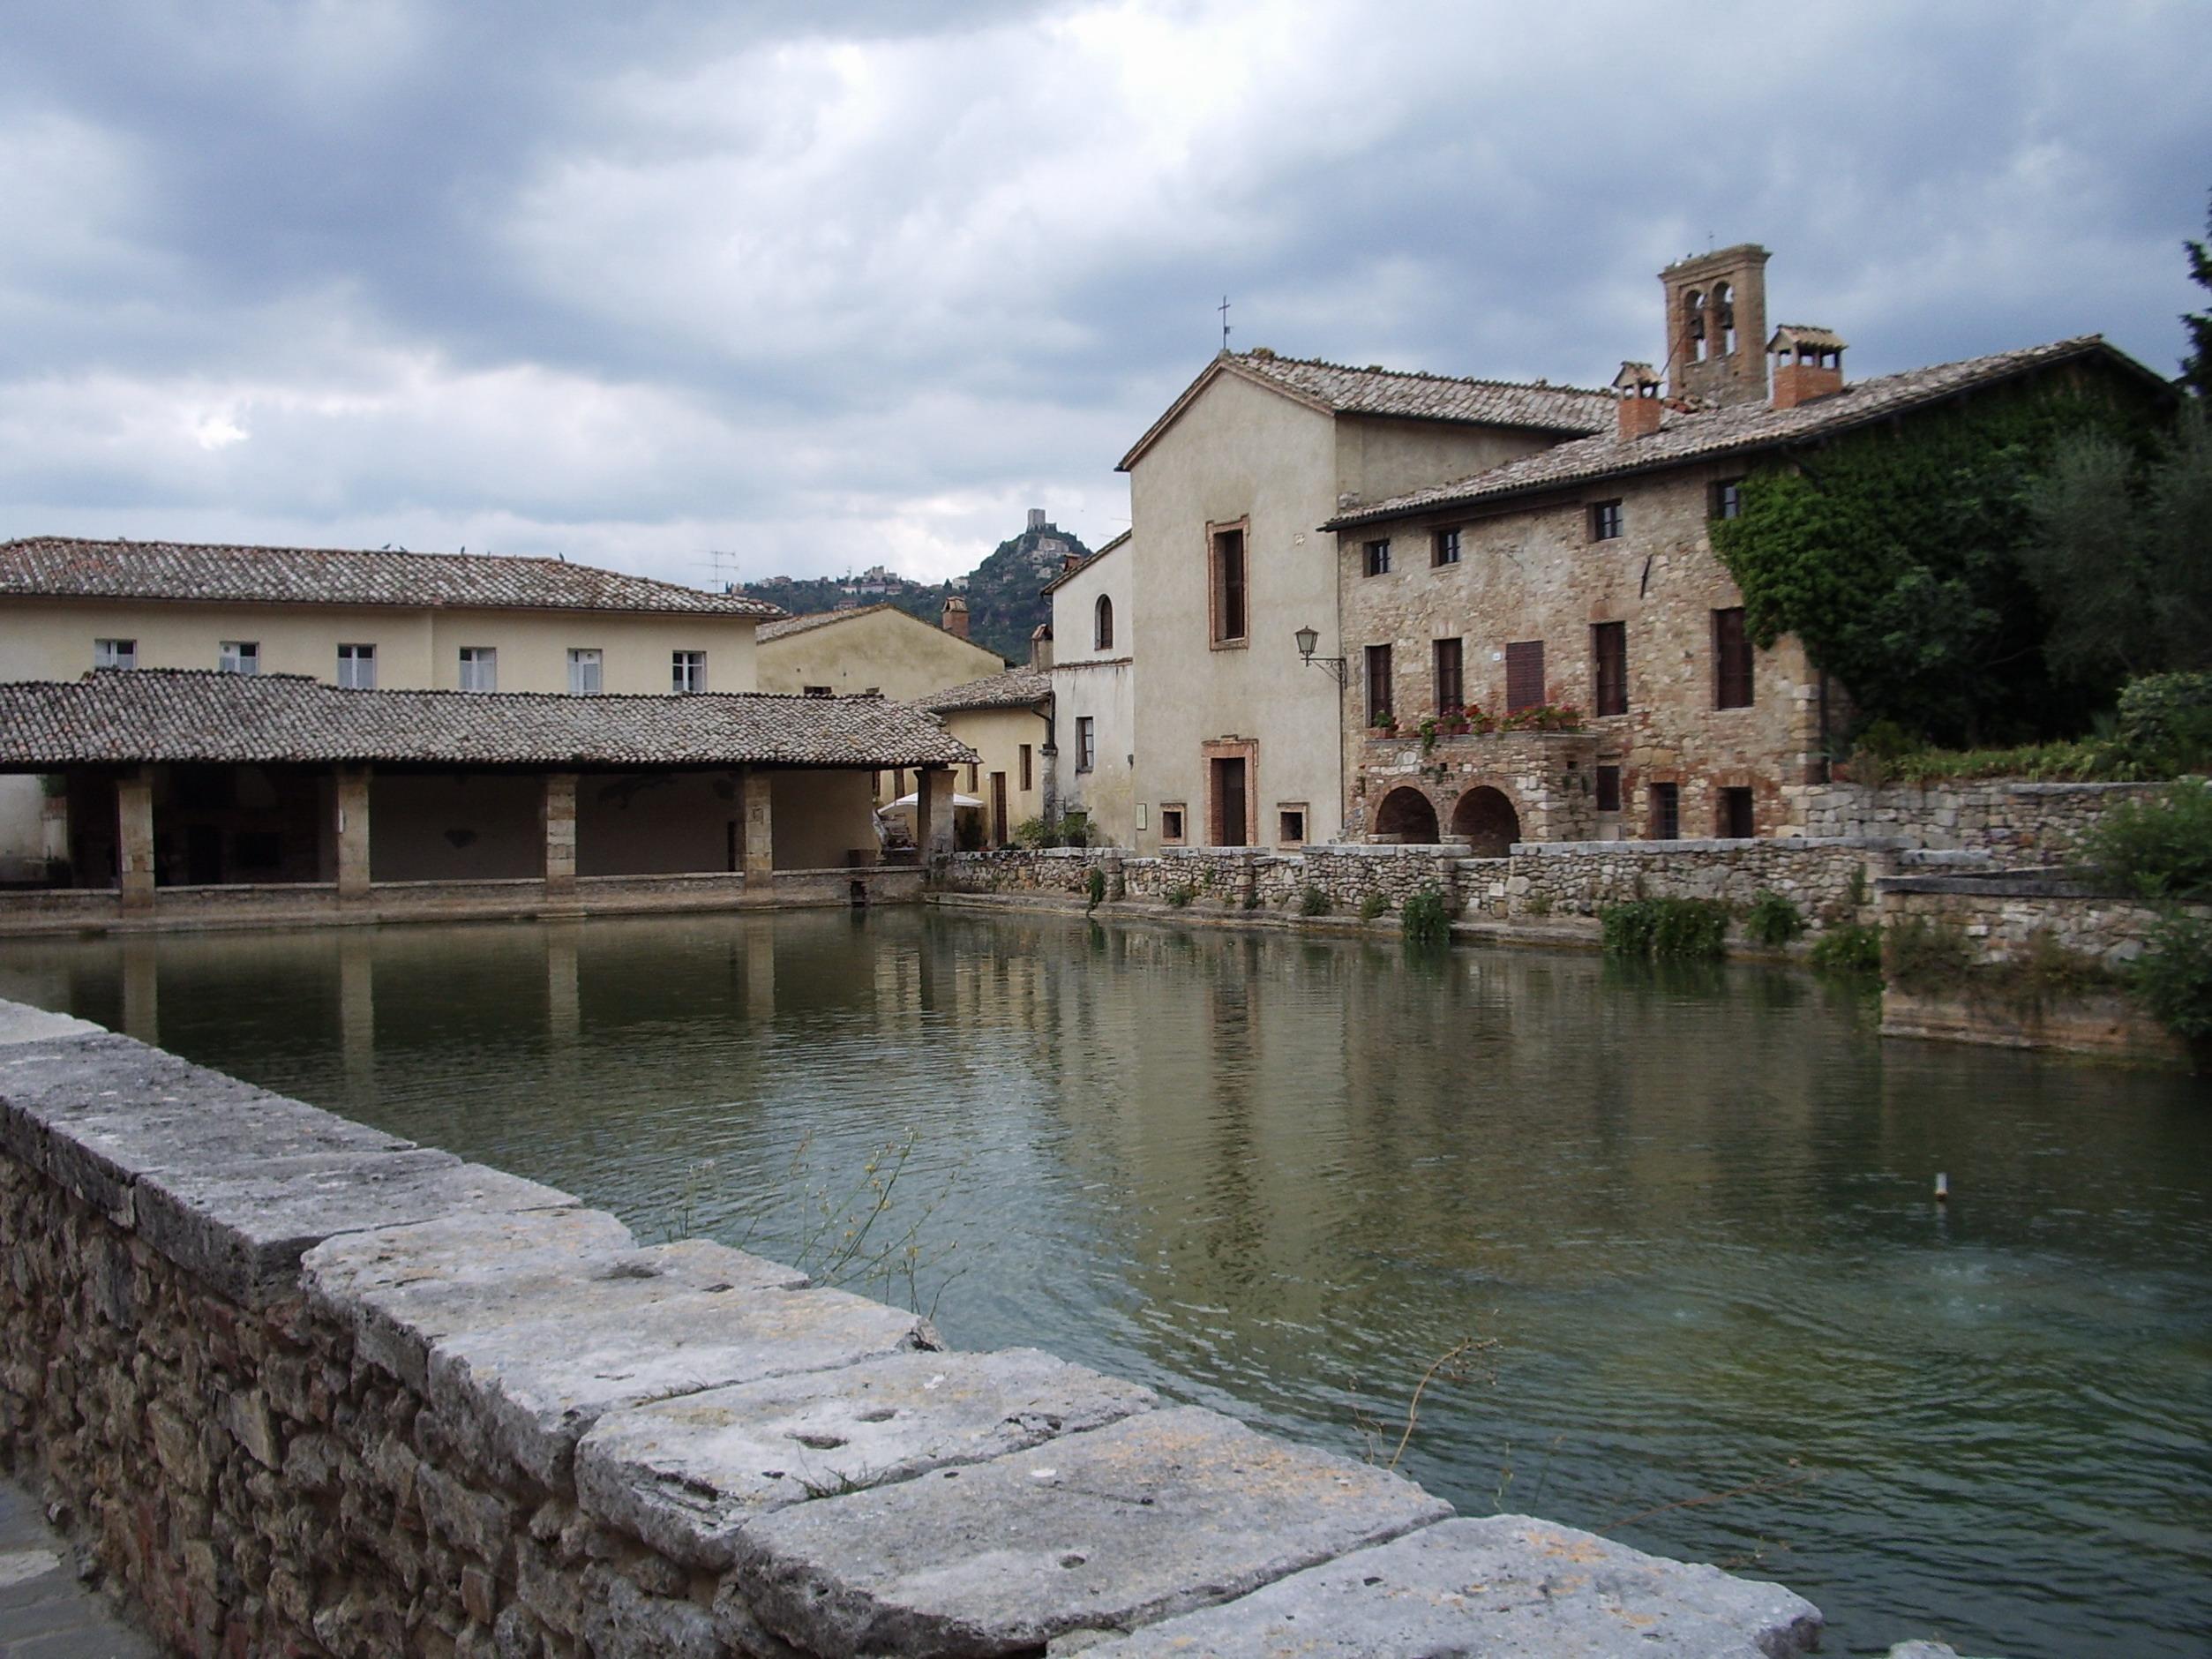 Bagno Vignoni in Tuscany